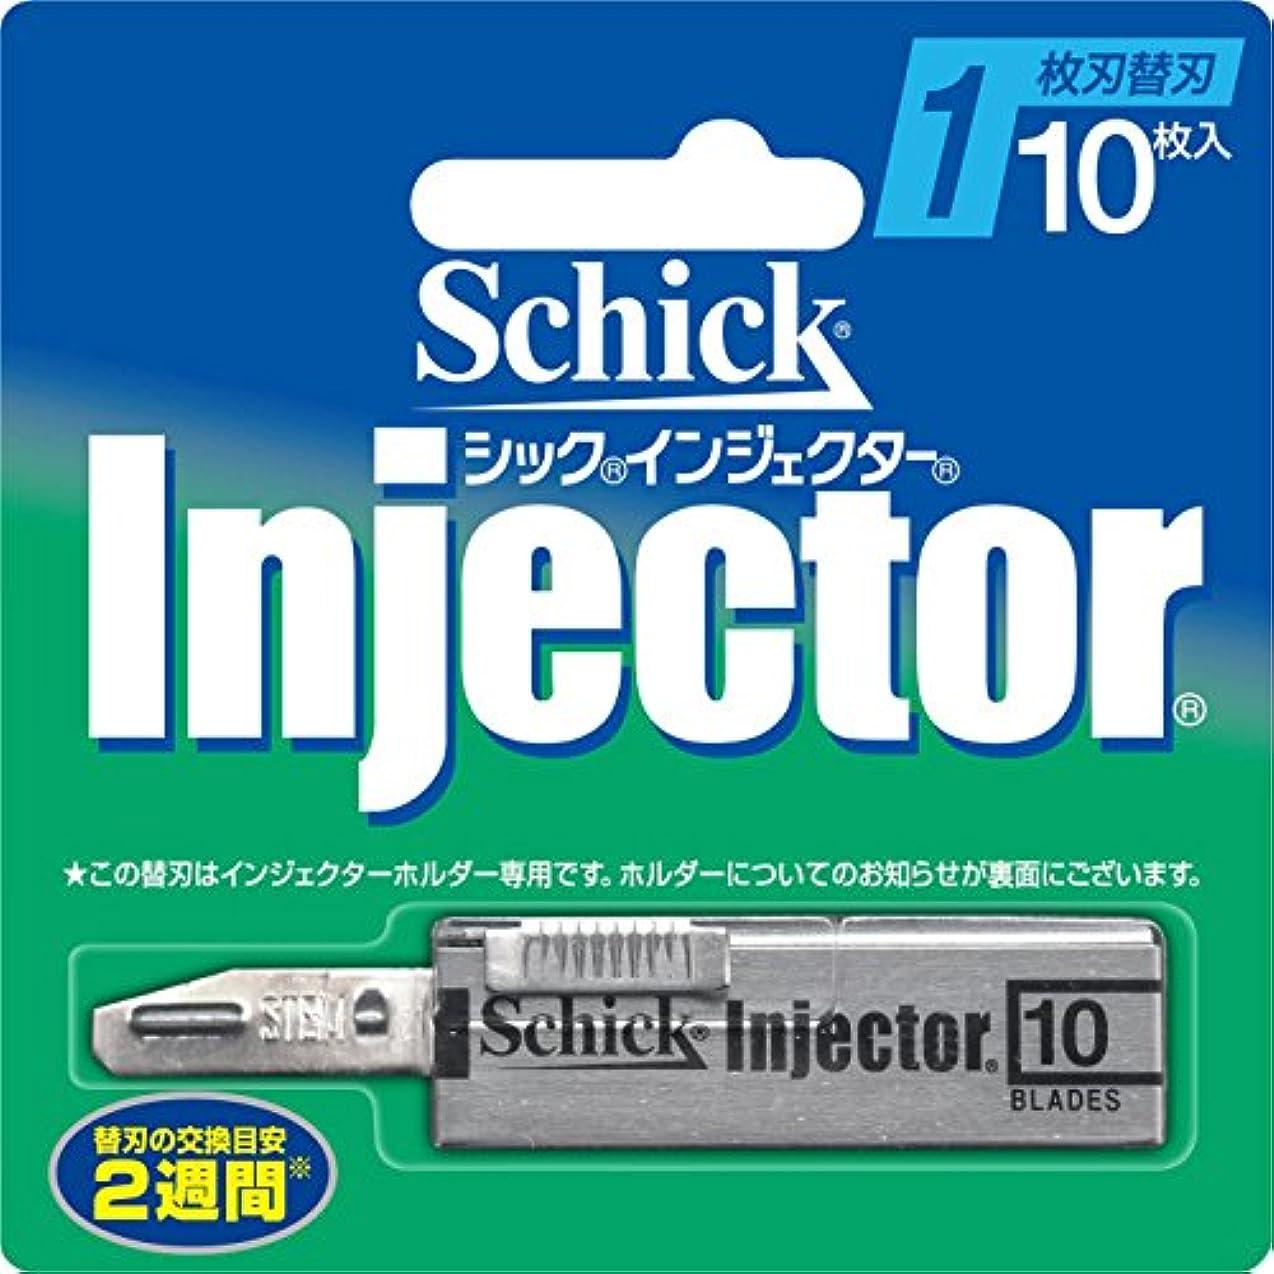 ピークる免除するシック Schick インジェクター 1枚刃 替刃 (10枚入)